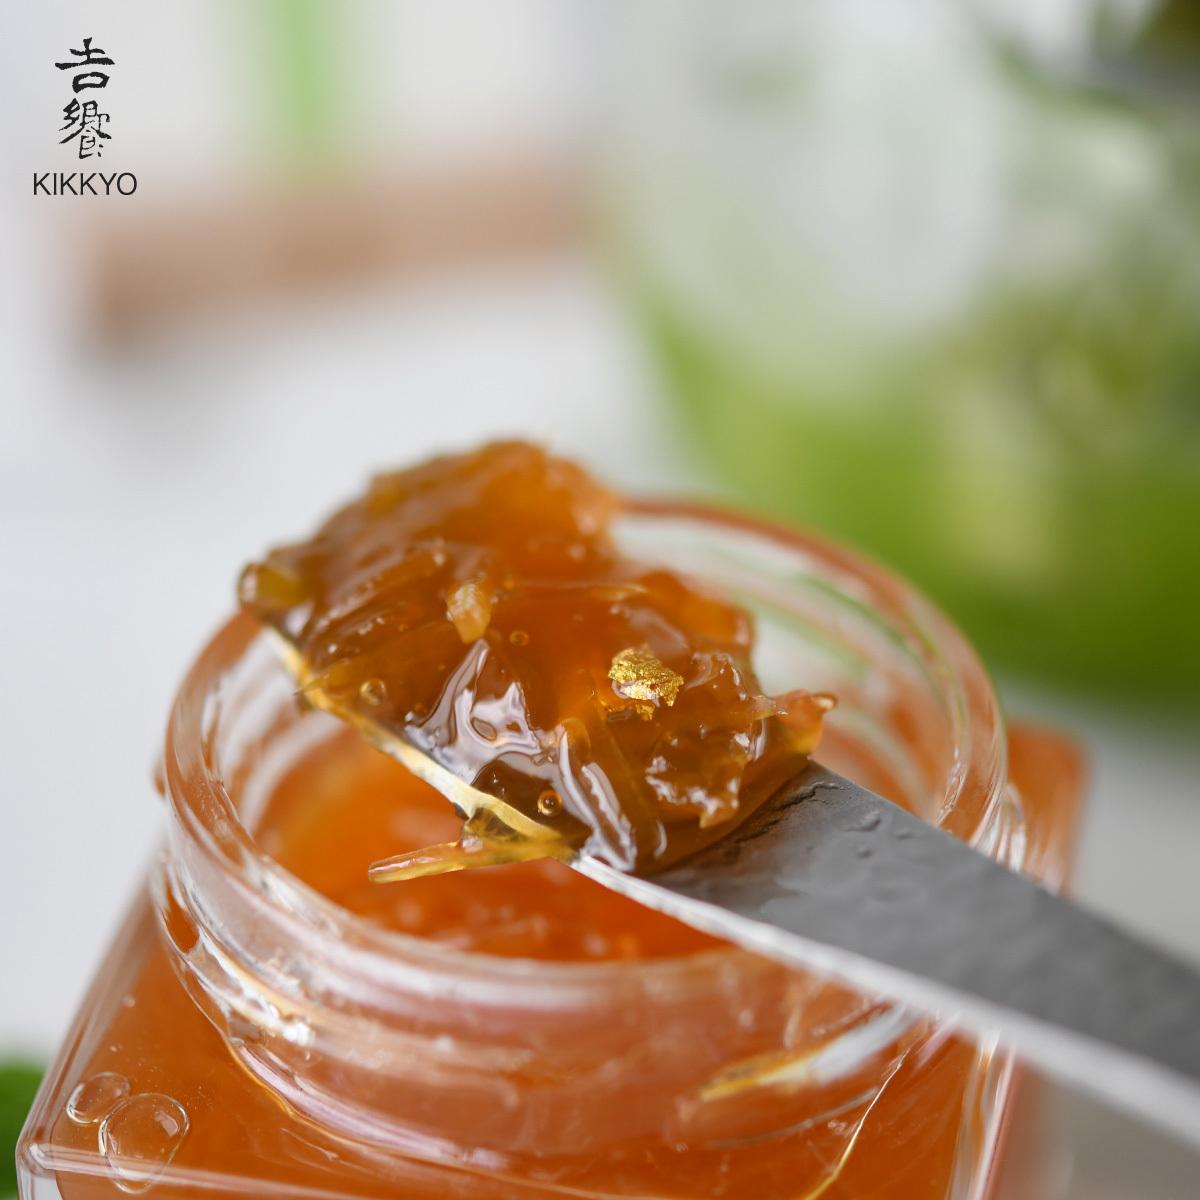 日本で唯一 漢方JAMの手作 キッス グレープフルーツ ジャム 保存料 添加物不使用